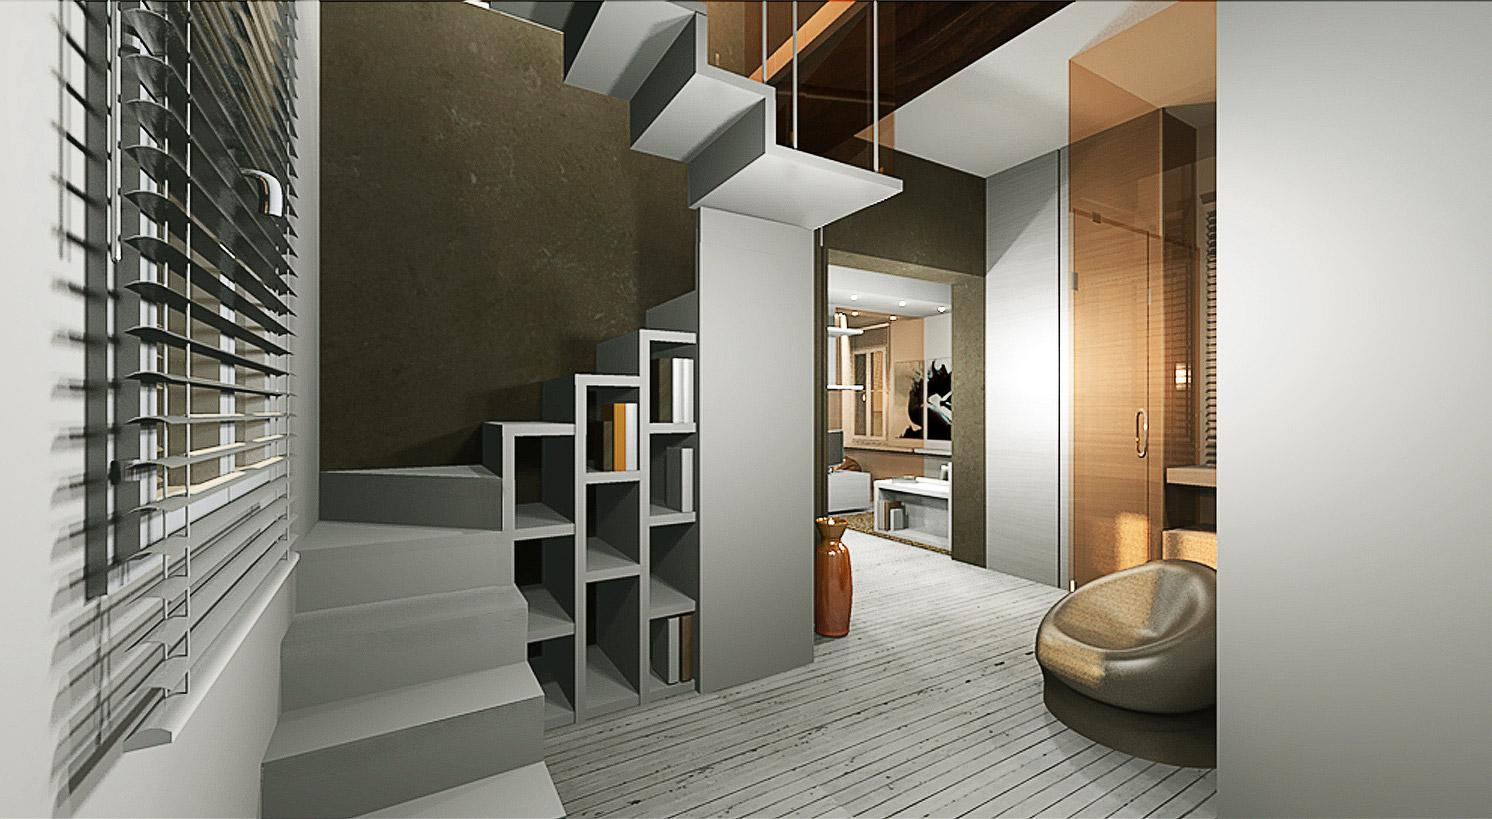 Ristrutturazione appartamento medicina gg progetti - Ristrutturazione interna casa ...